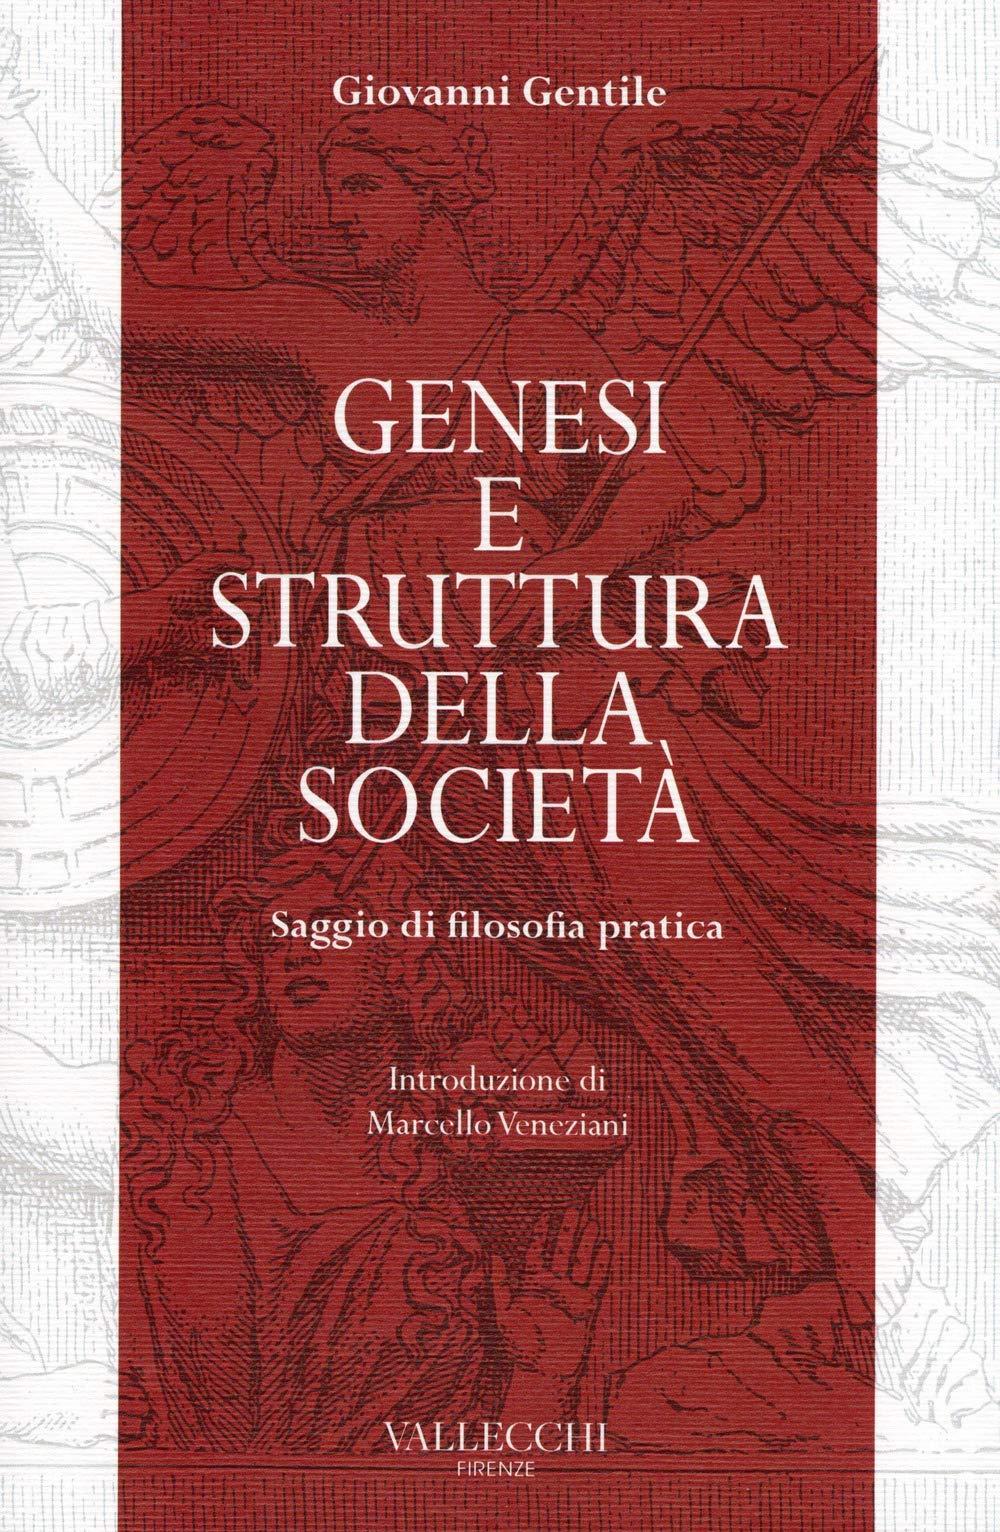 GENESI E STRUTTURA DELLA SOCIETÀ – Saggio di filosofia pratica